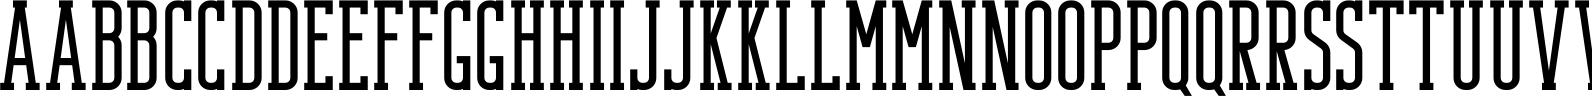 Bondie - Condensed Slab Serif